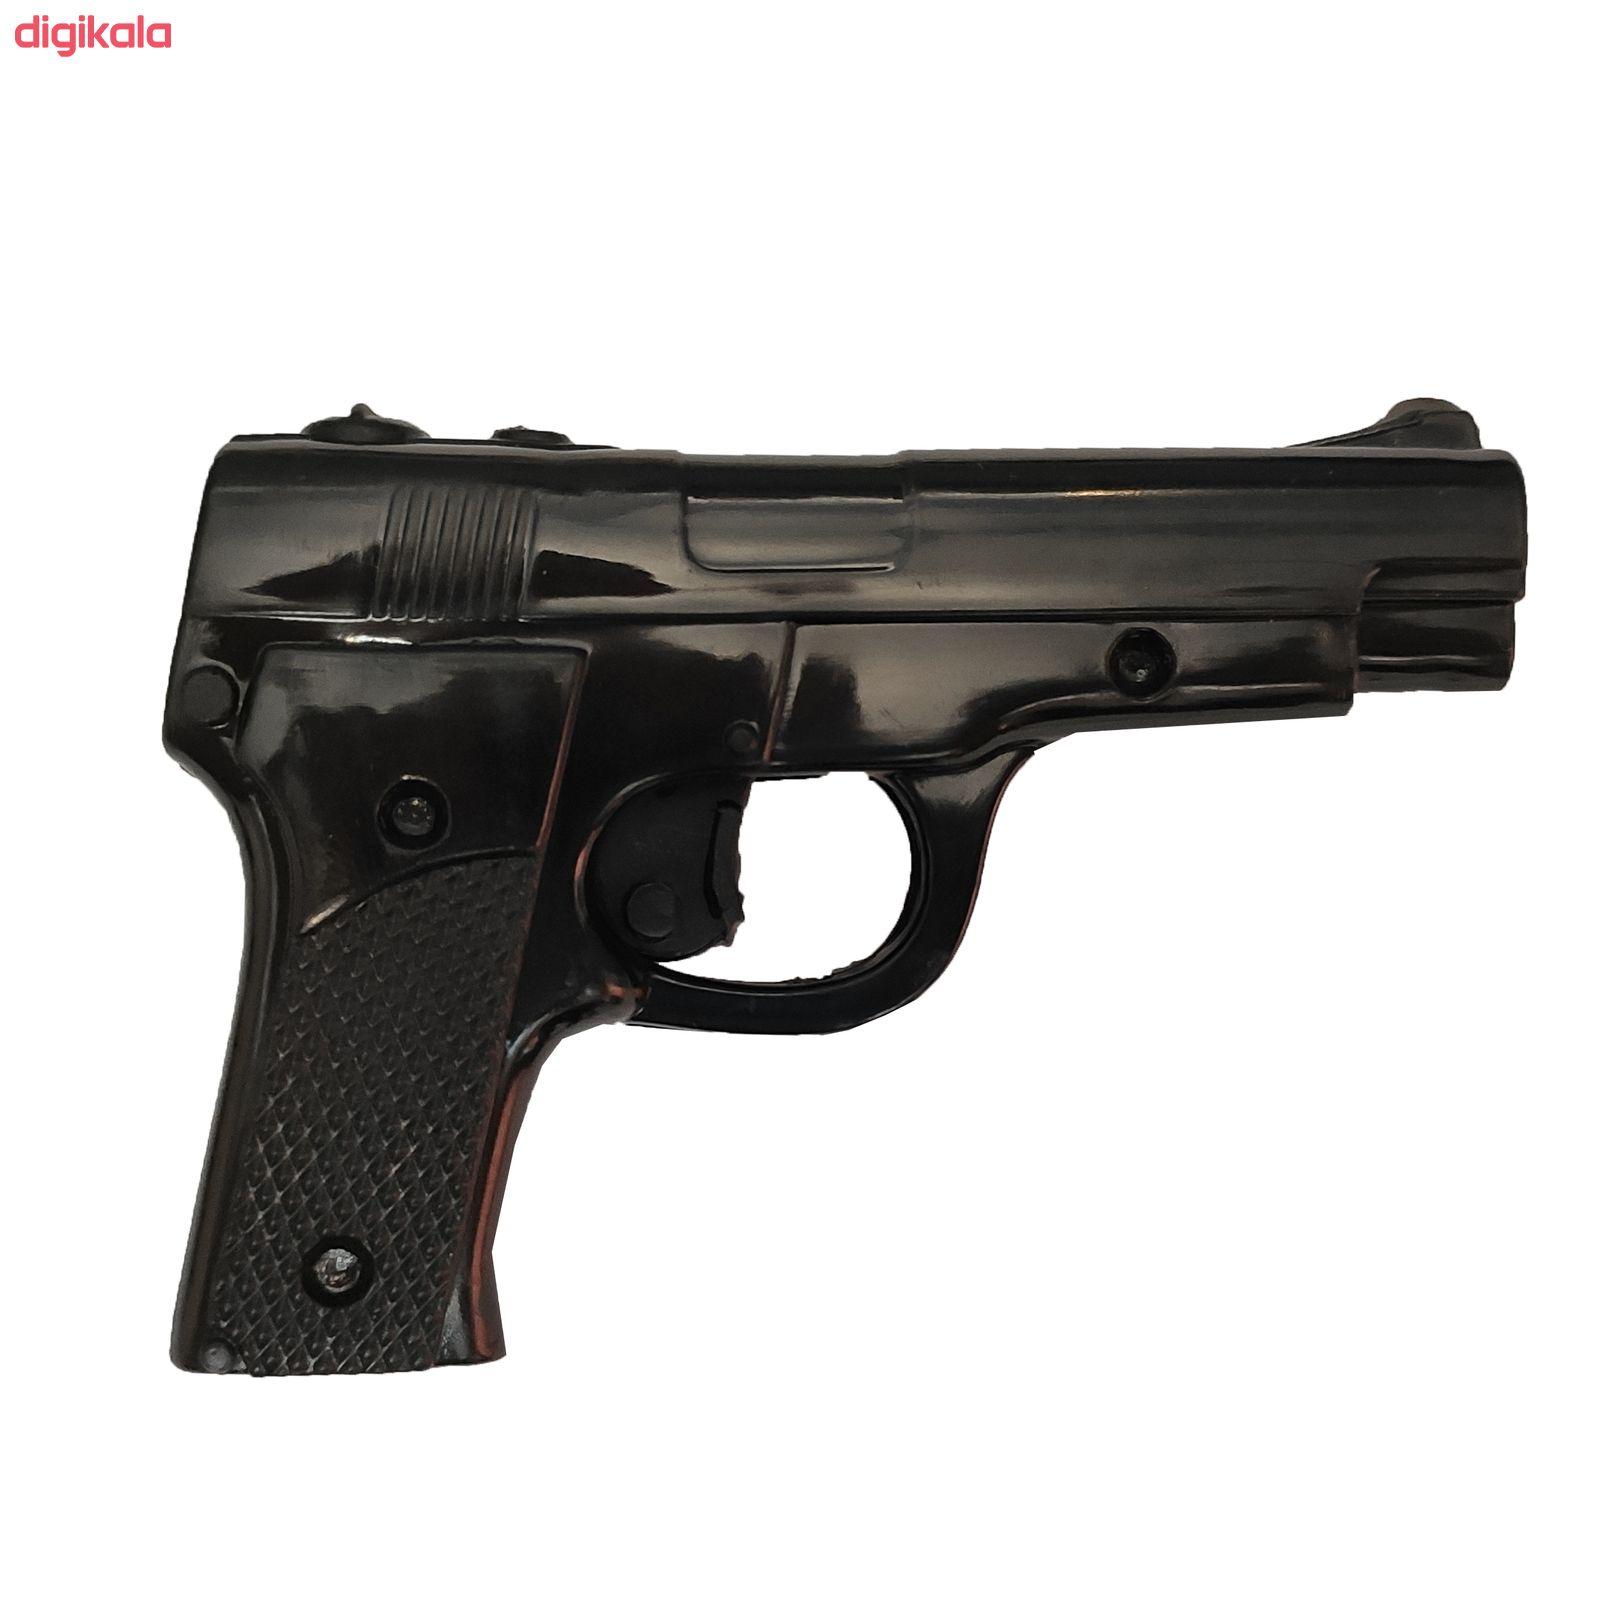 تفنگ بازی مدل پلیس کد p1 مجموعه 11 عددی main 1 1